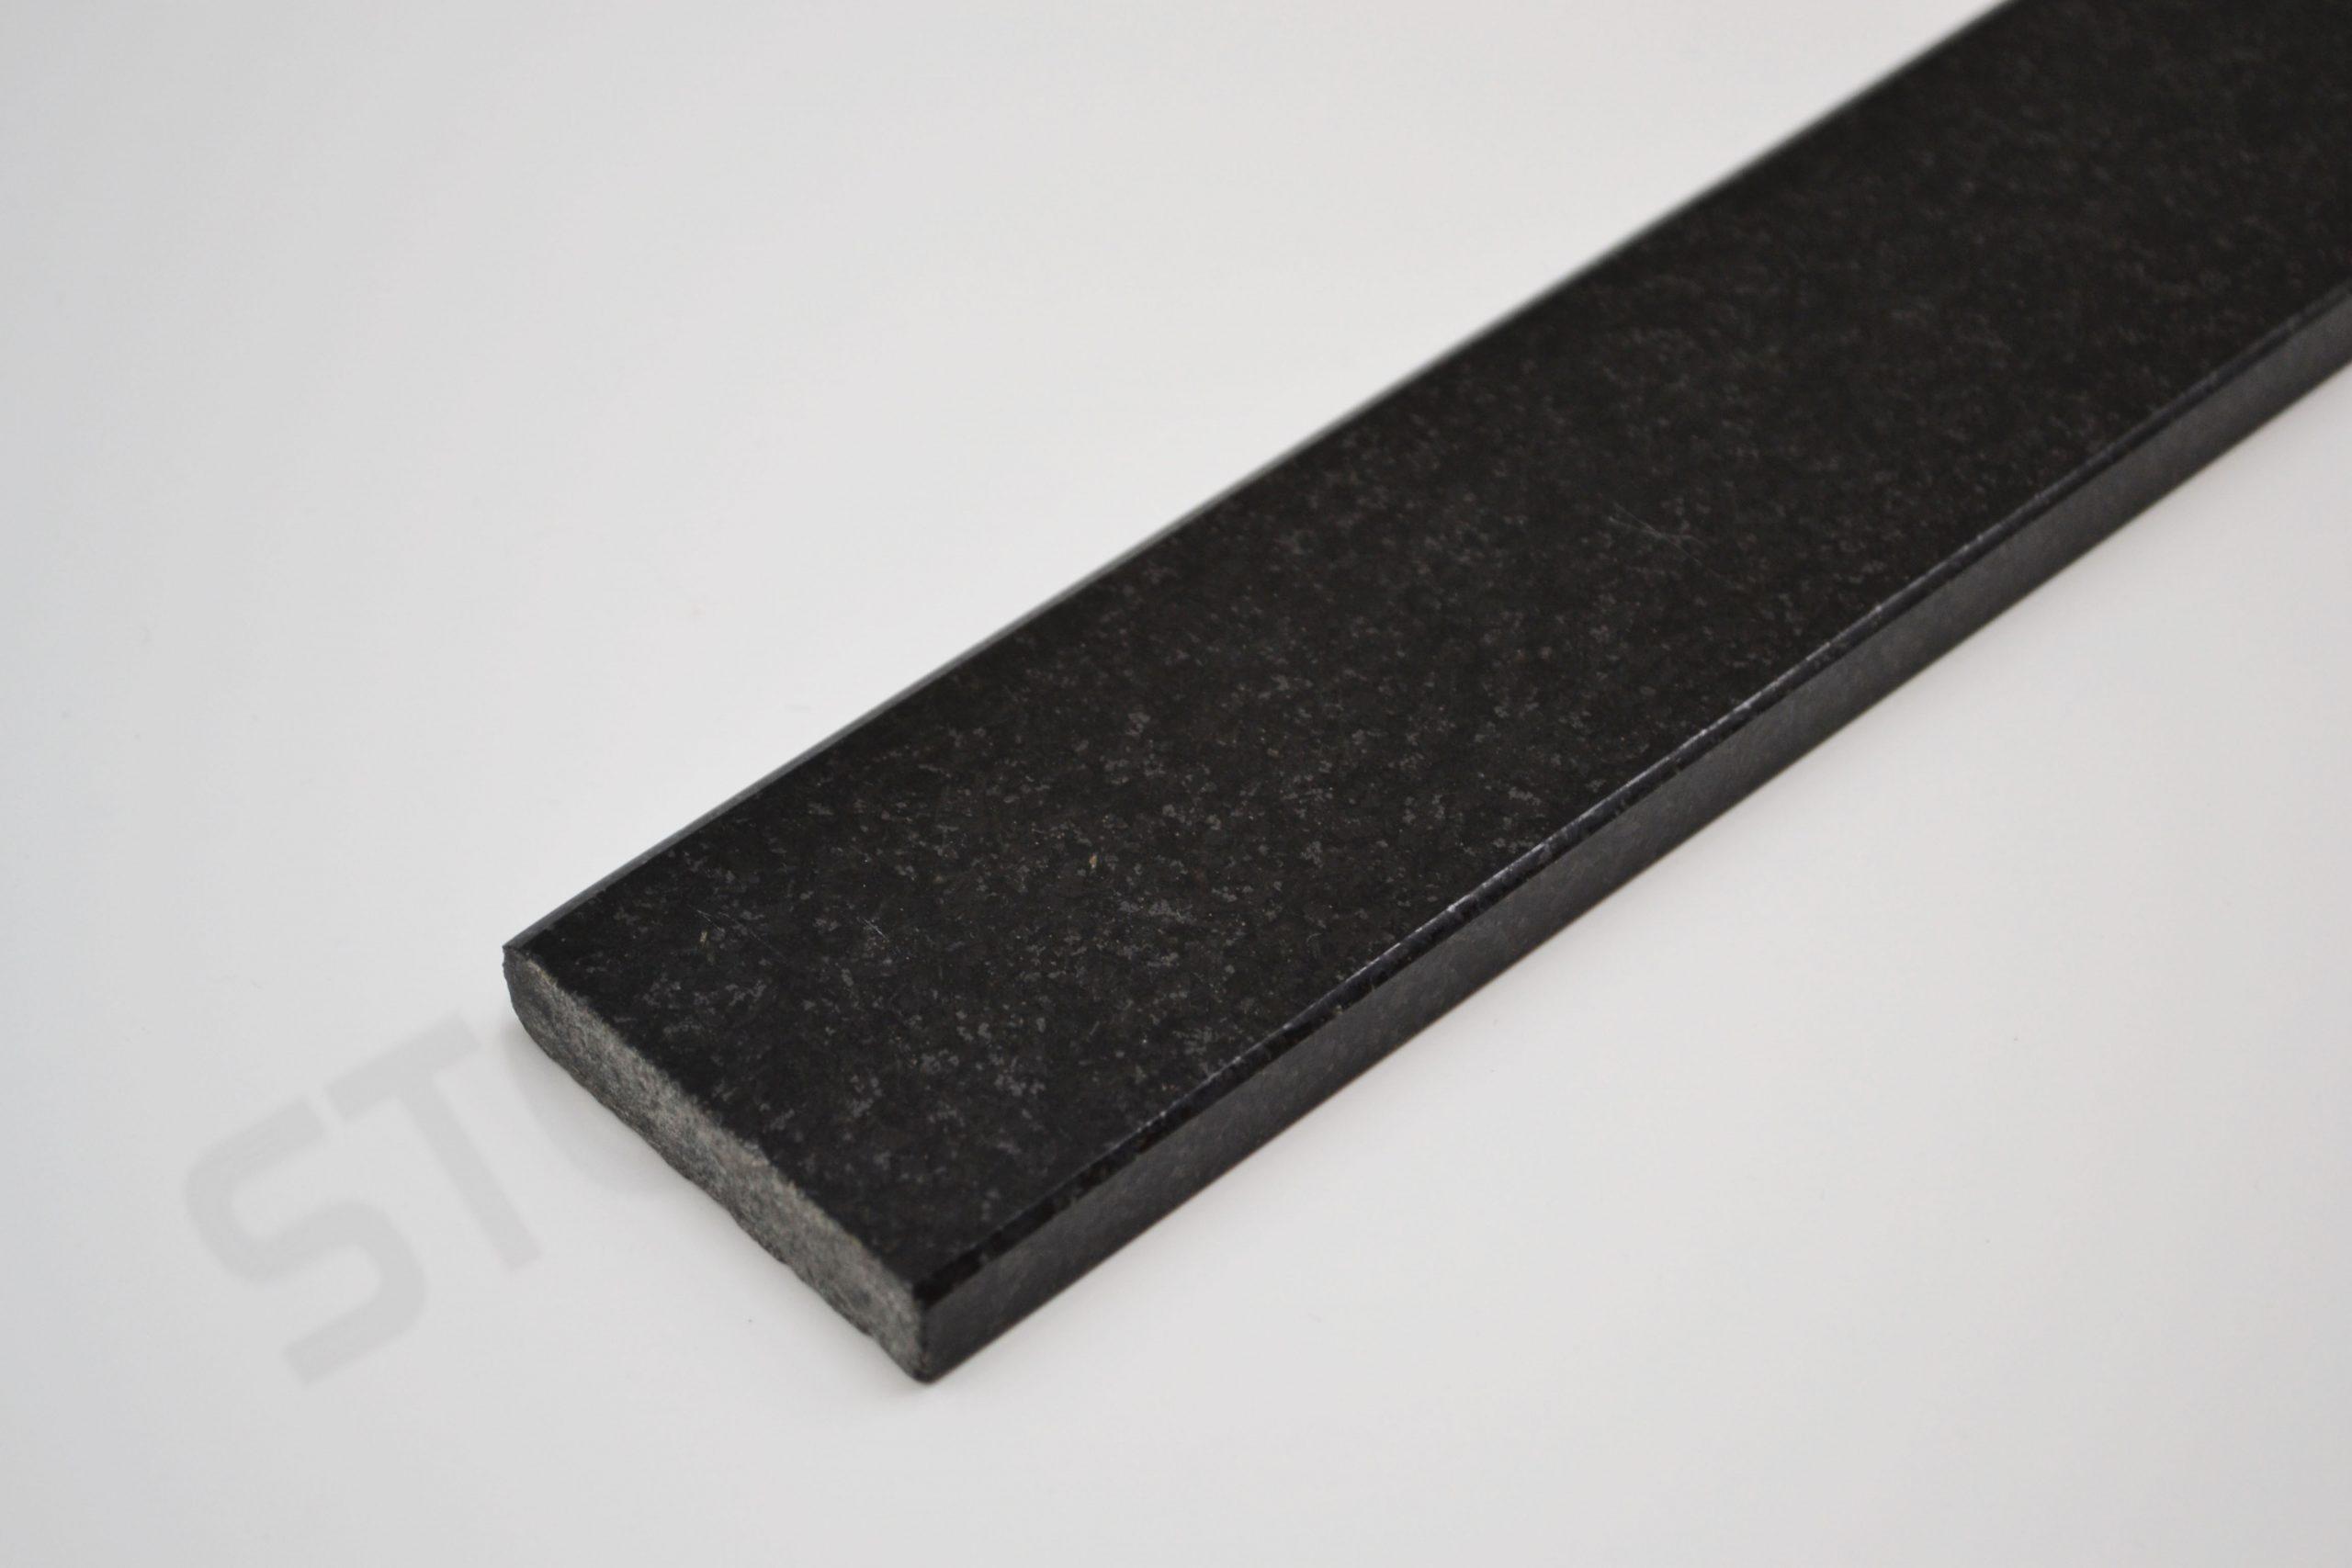 Absolute Black Granite Thresholds Standard Double Bevel